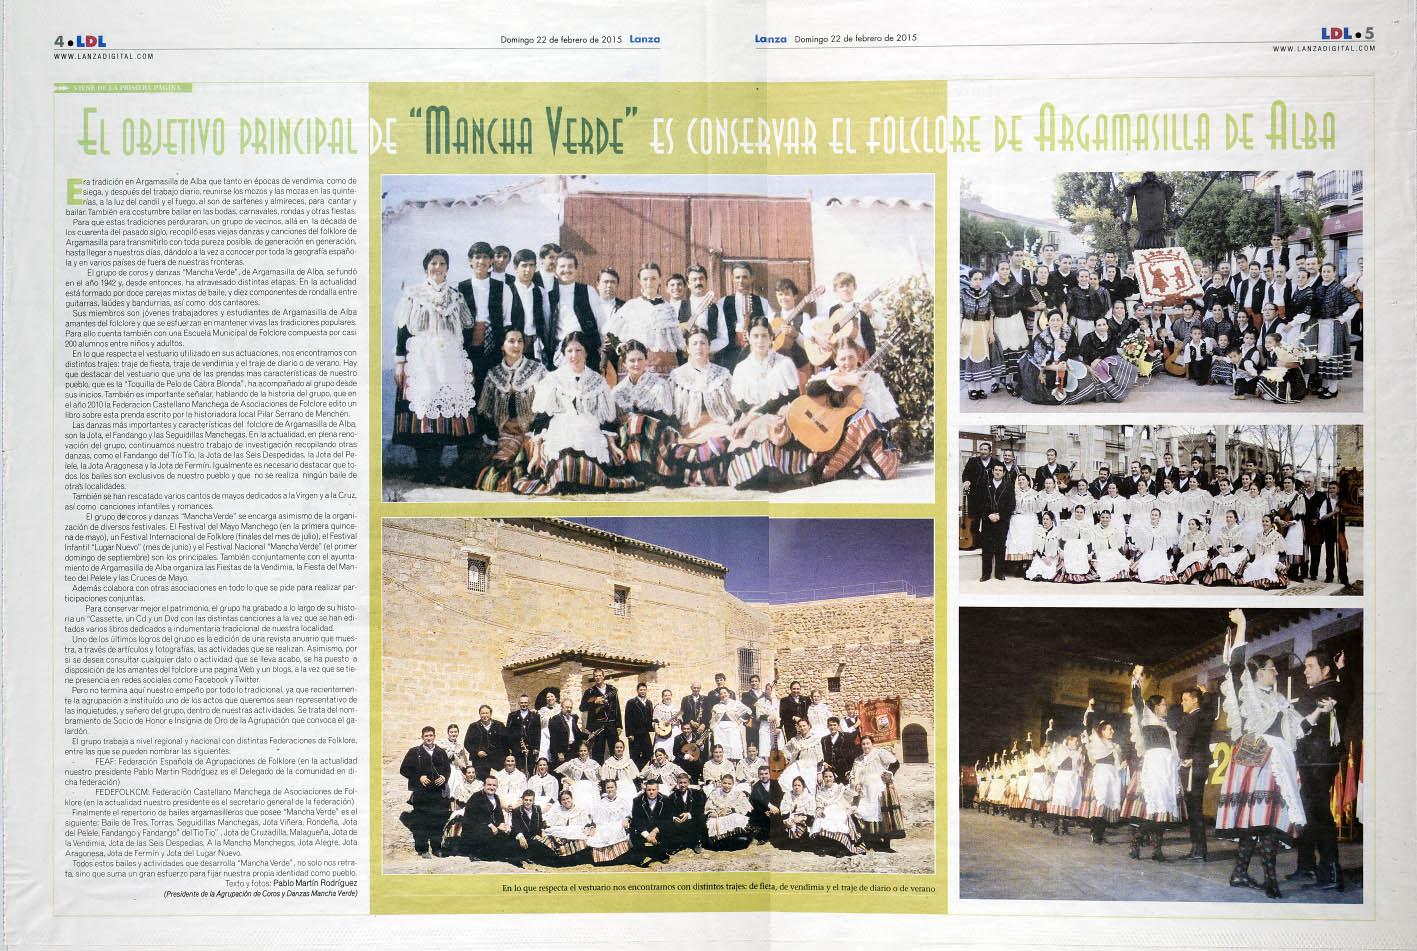 Prensa_Mancha Verde02_Dominical Lanza